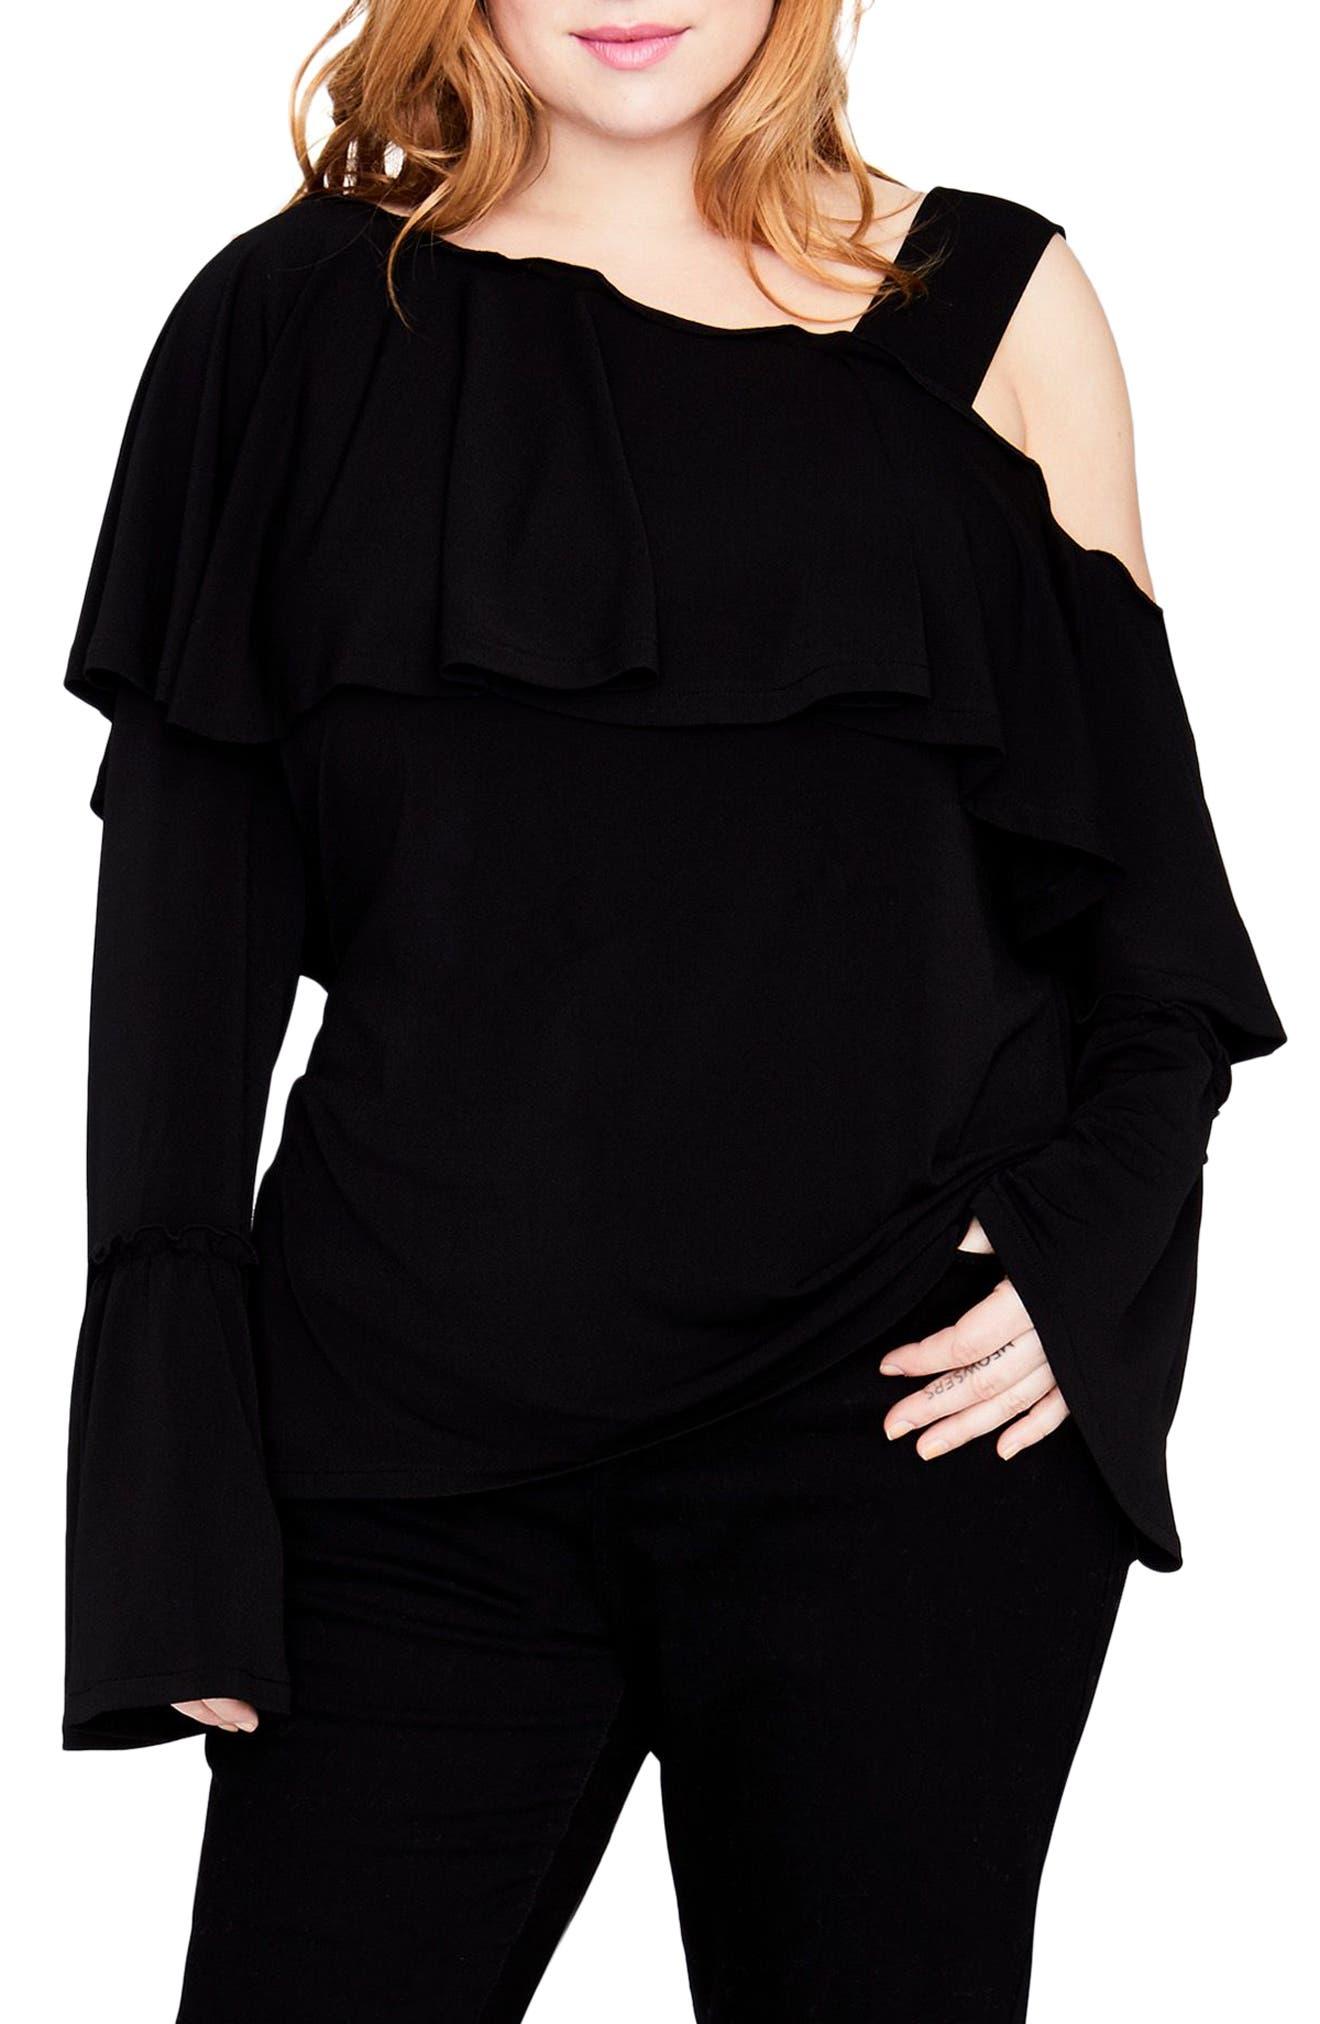 Main Image - RACHEL Rachel Roy Cold Shoulder Ruffle Top (Plus Size)